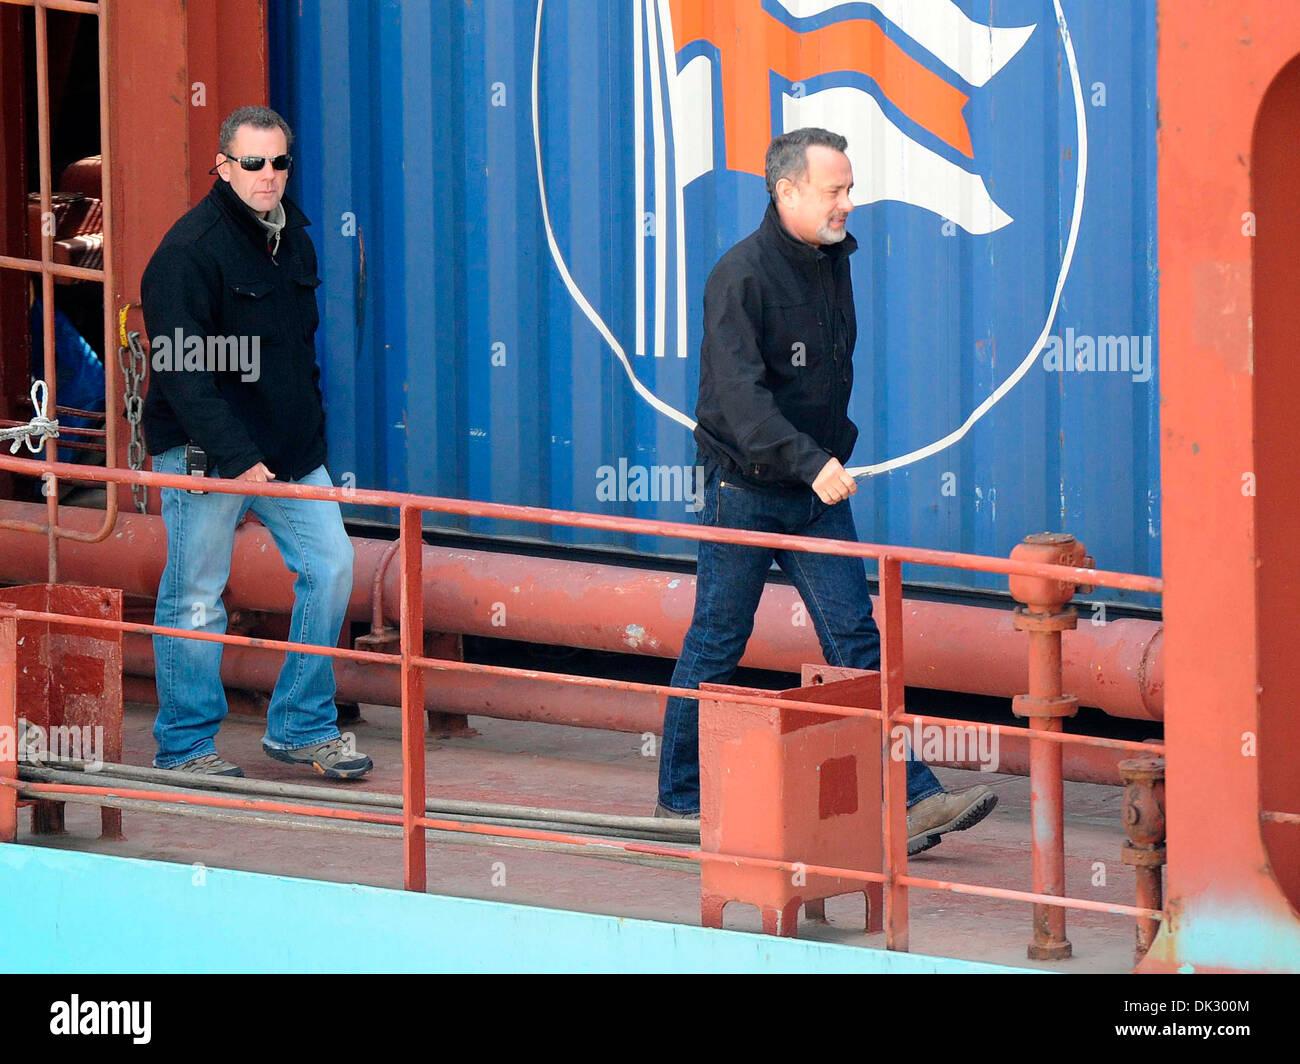 Tom Hanks on the set of 'Captain Phillips' Malta - 18.04.12 - Stock Image